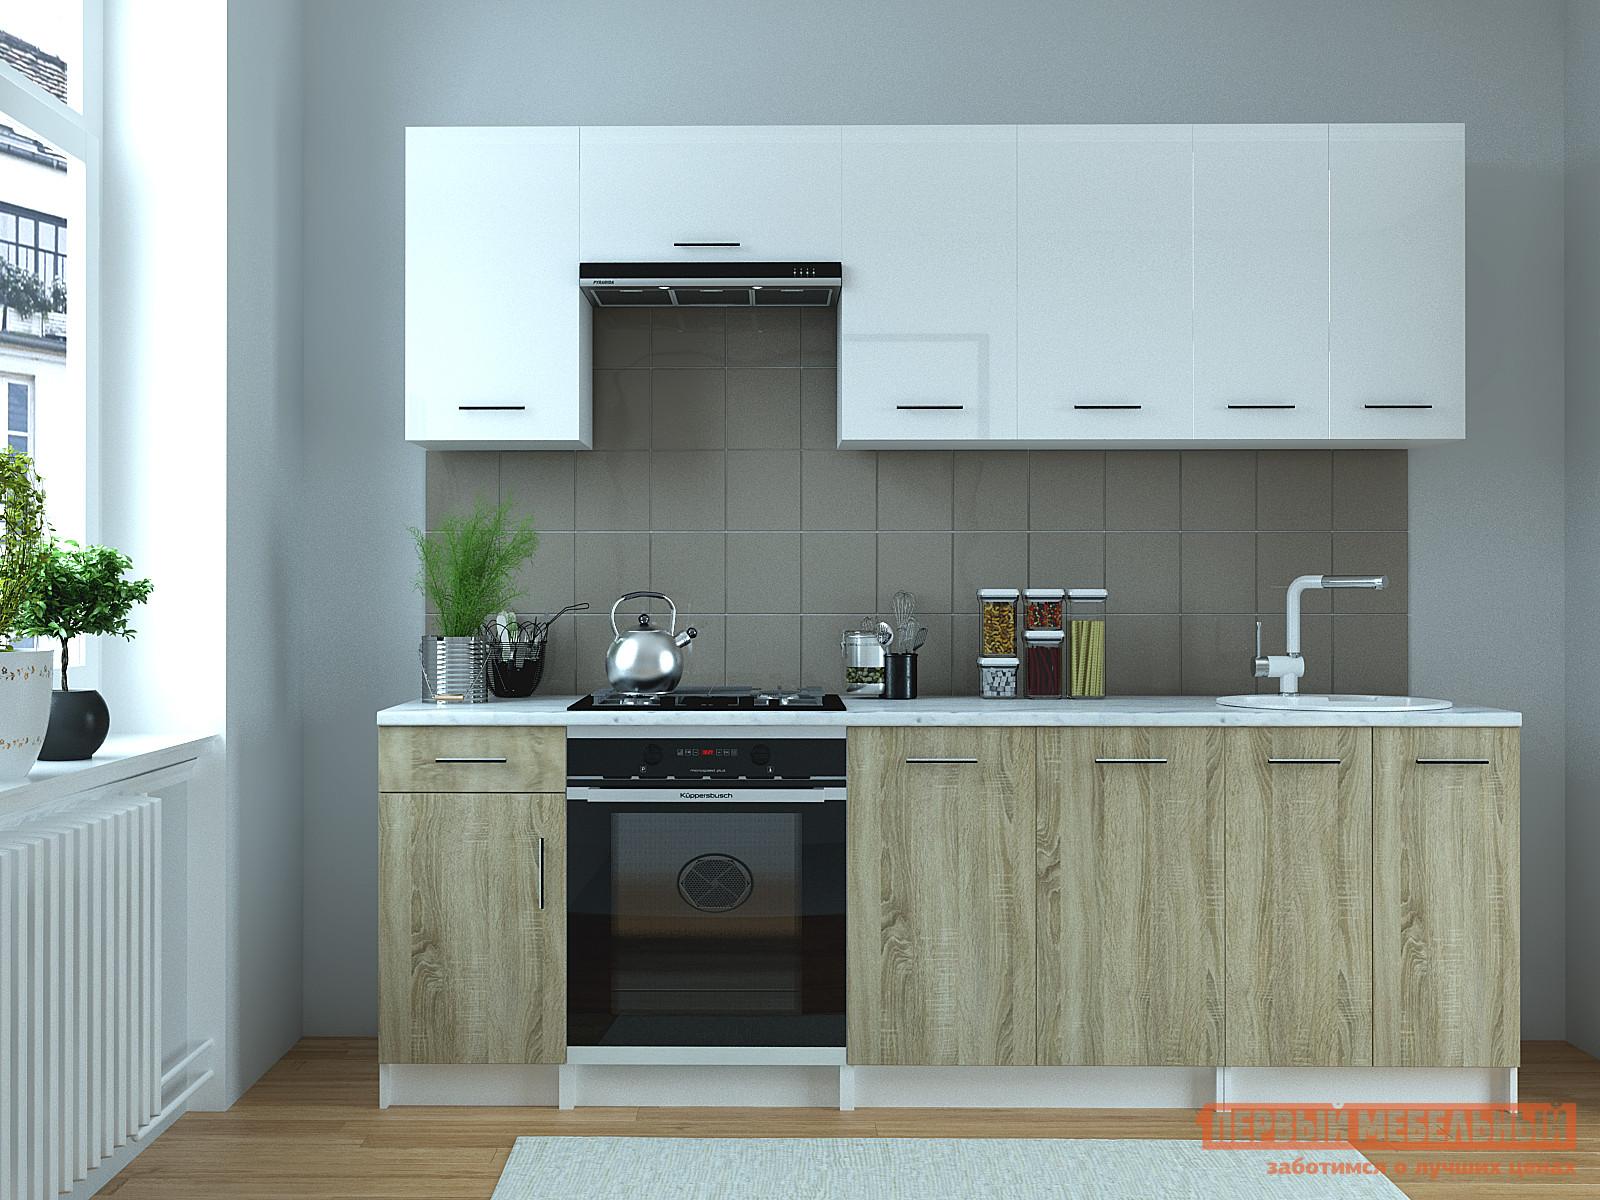 Кухонный гарнитур НК-Мебель Арамина 240 см кухонный гарнитур трия оливия 240 см